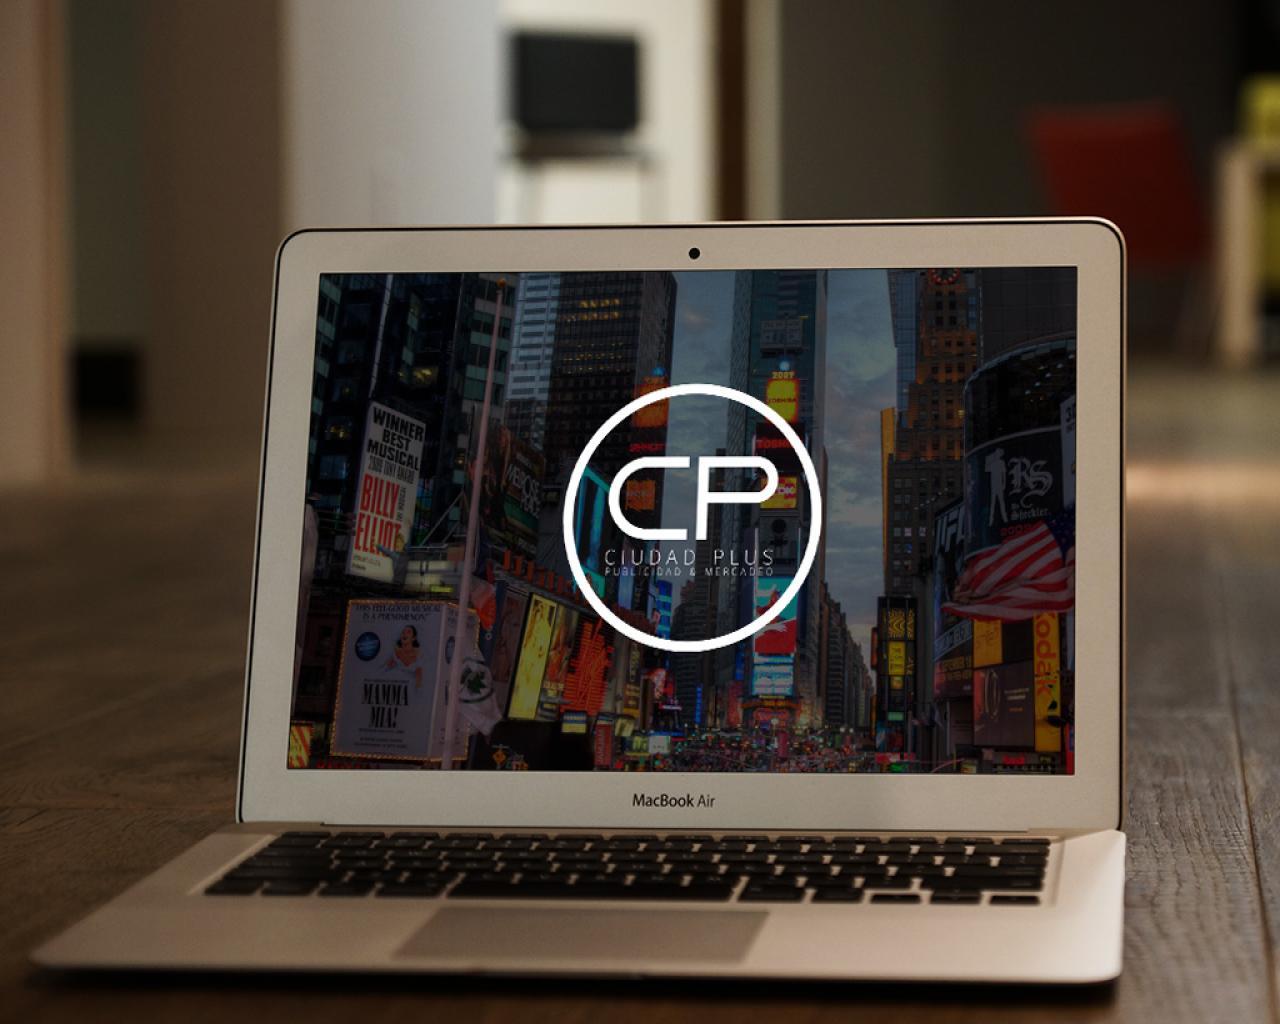 Imagen de Ciudadplus.com Panamá por Movidagrafica